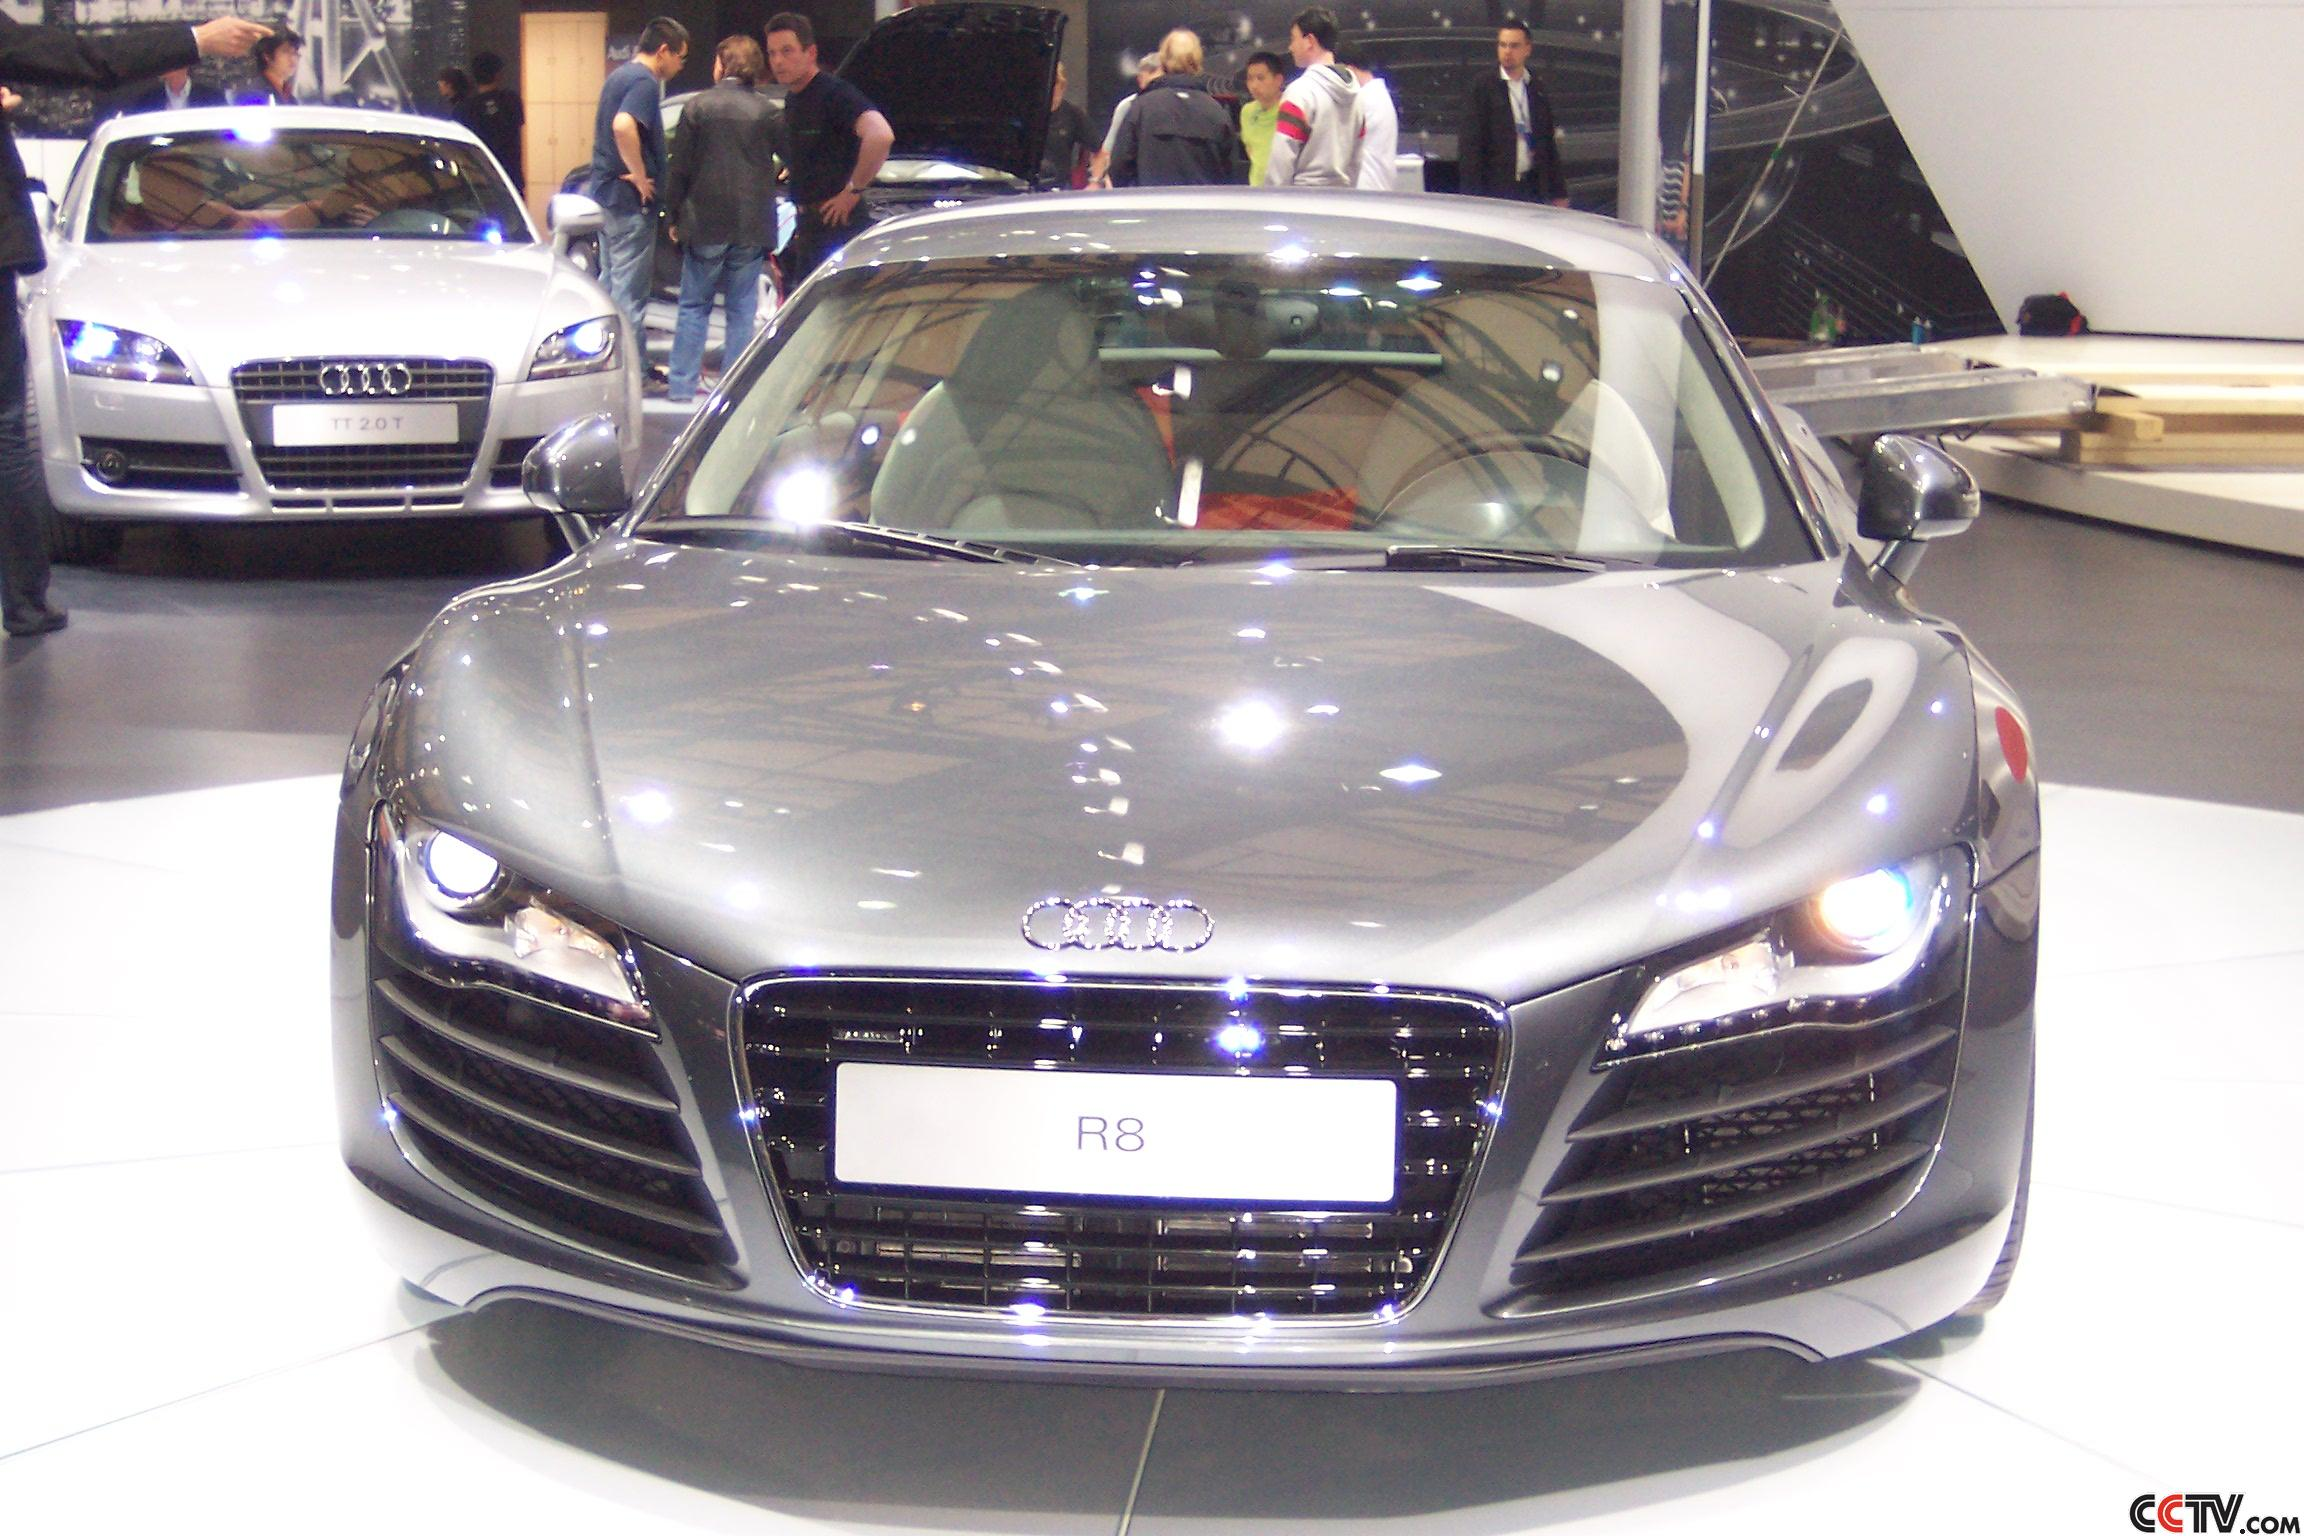 经济频道 动感2007——上海国际汽车展 > 正文  专题:动感2007——